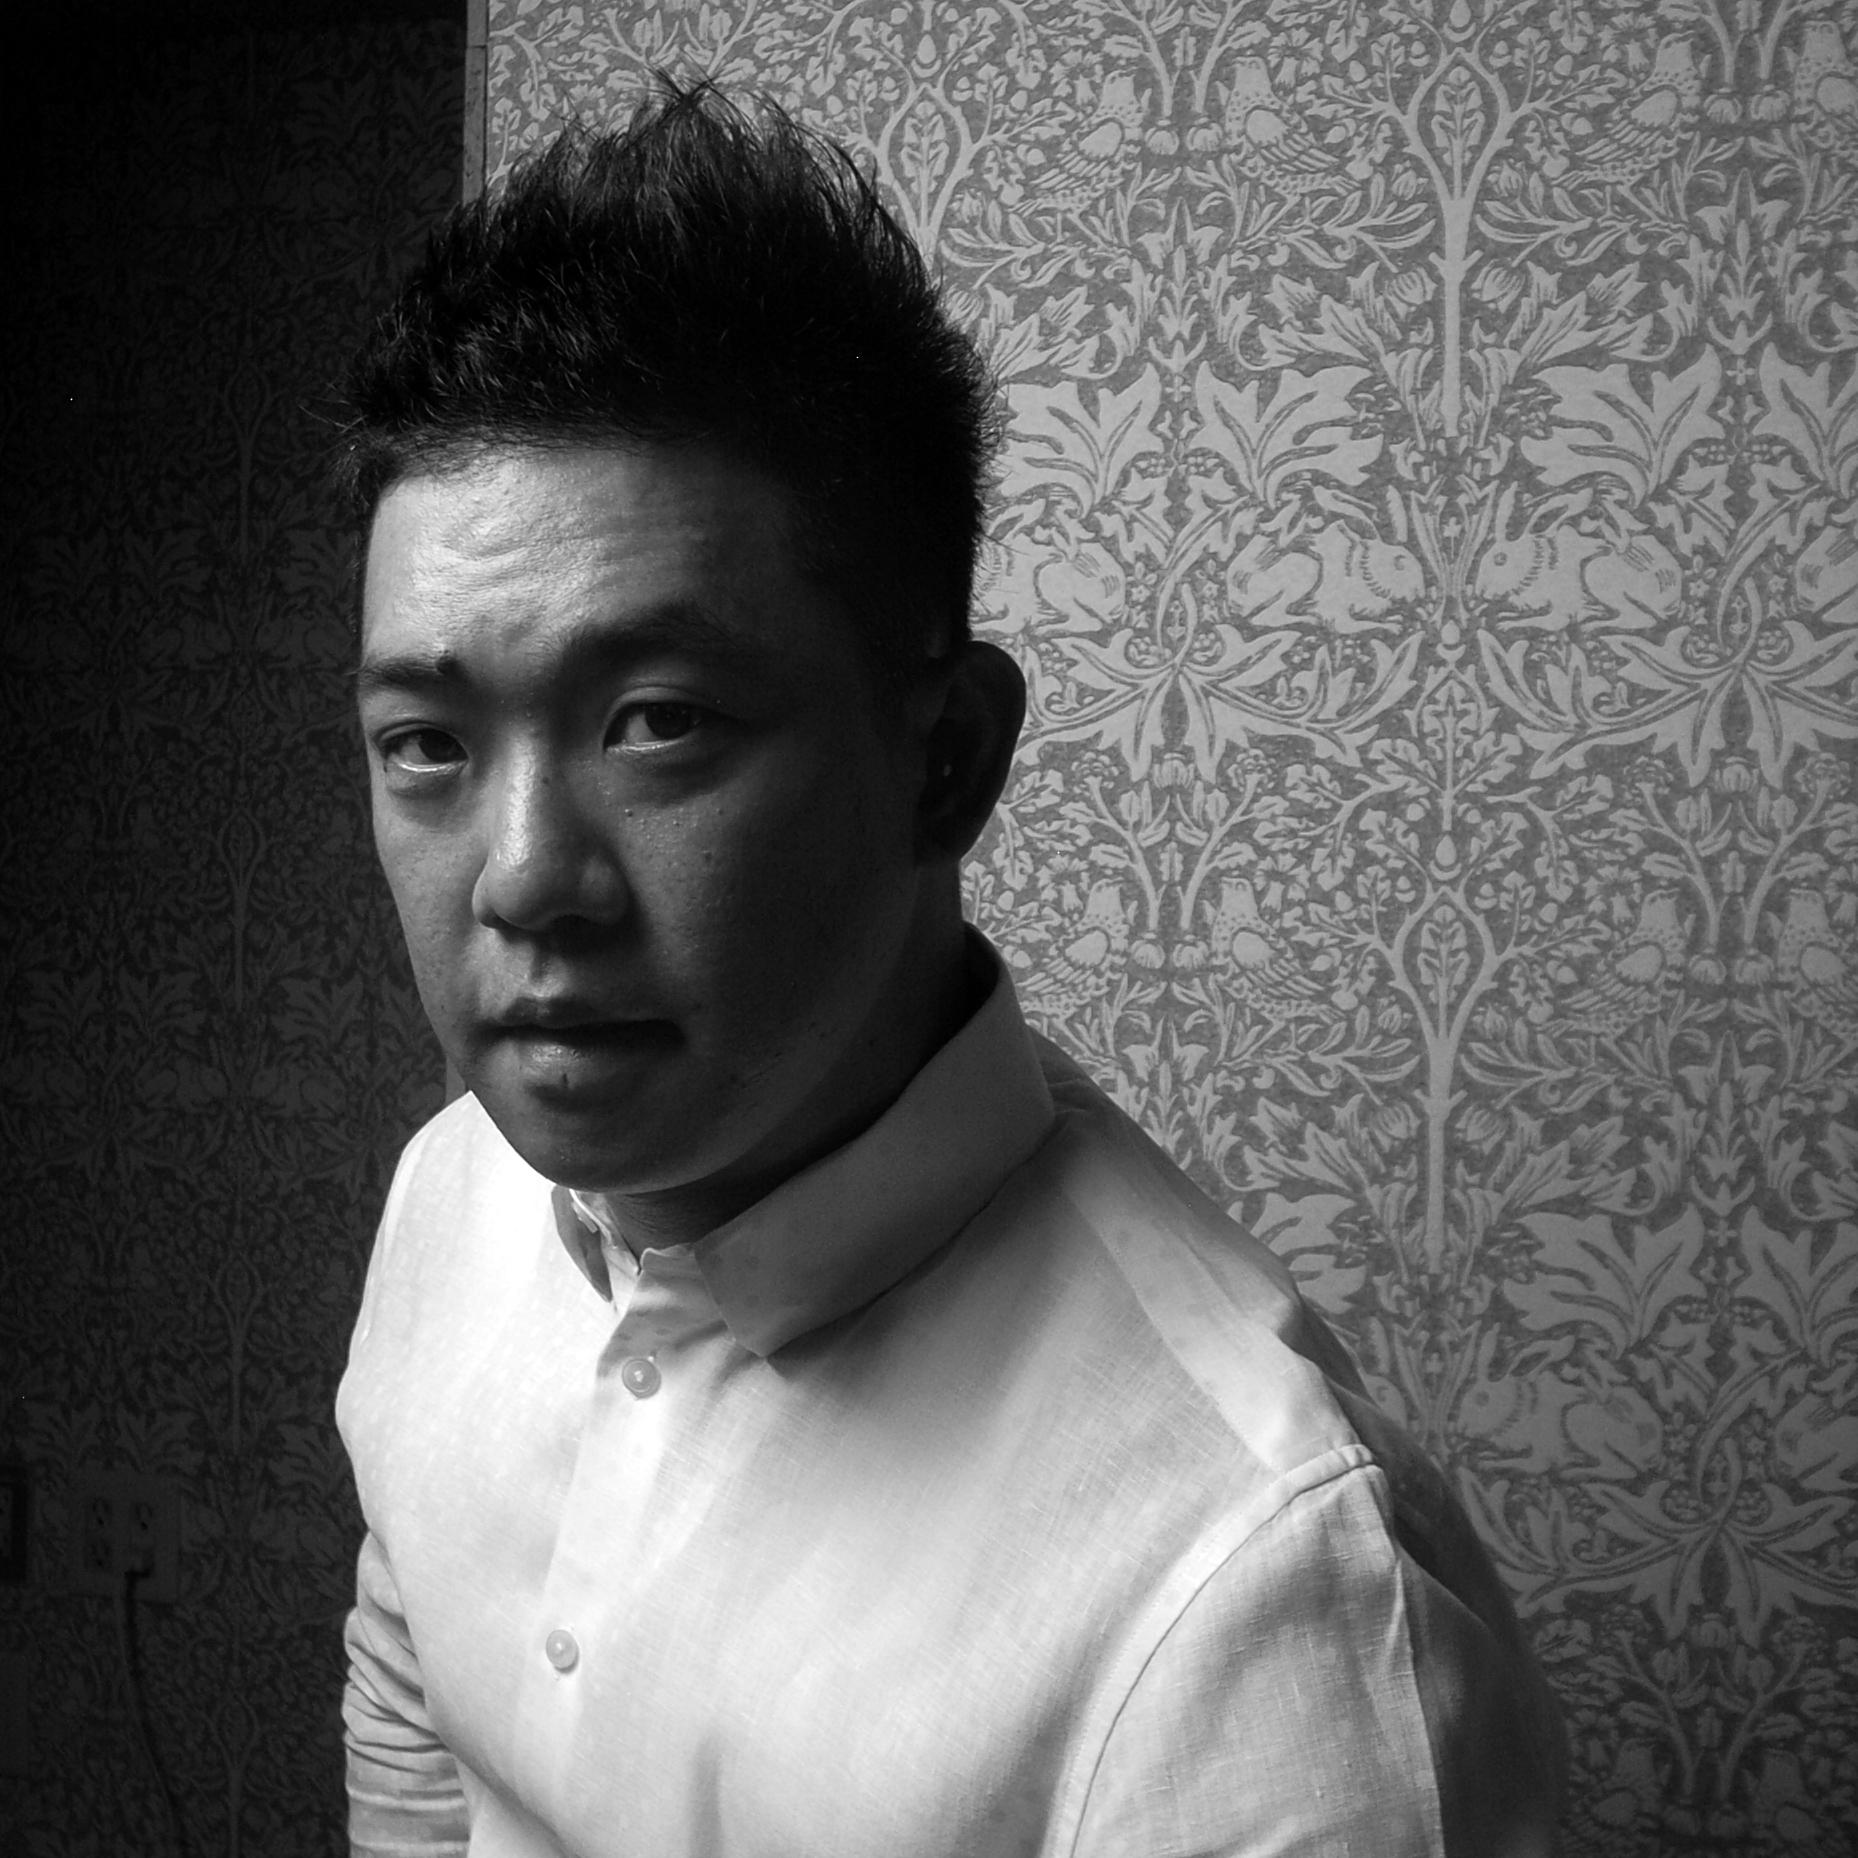 Tetsuo Sakomura